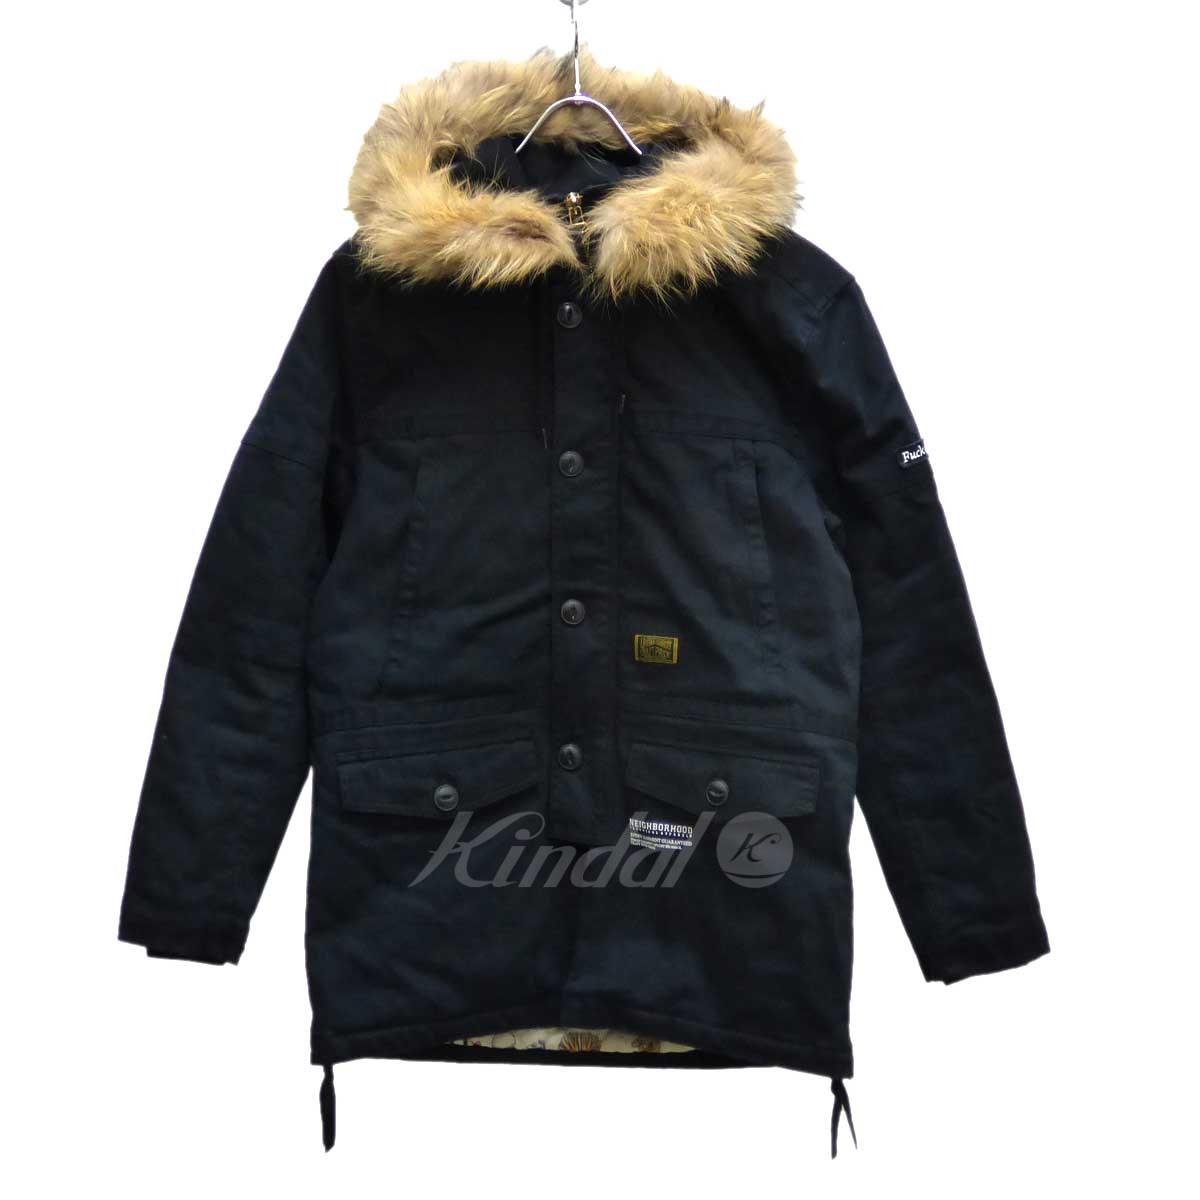 【中古】NEIGHBOR HOOD THUNDERSTRUCK C-JKT ジャケット 【送料無料】 【209286】 【KIND1641】